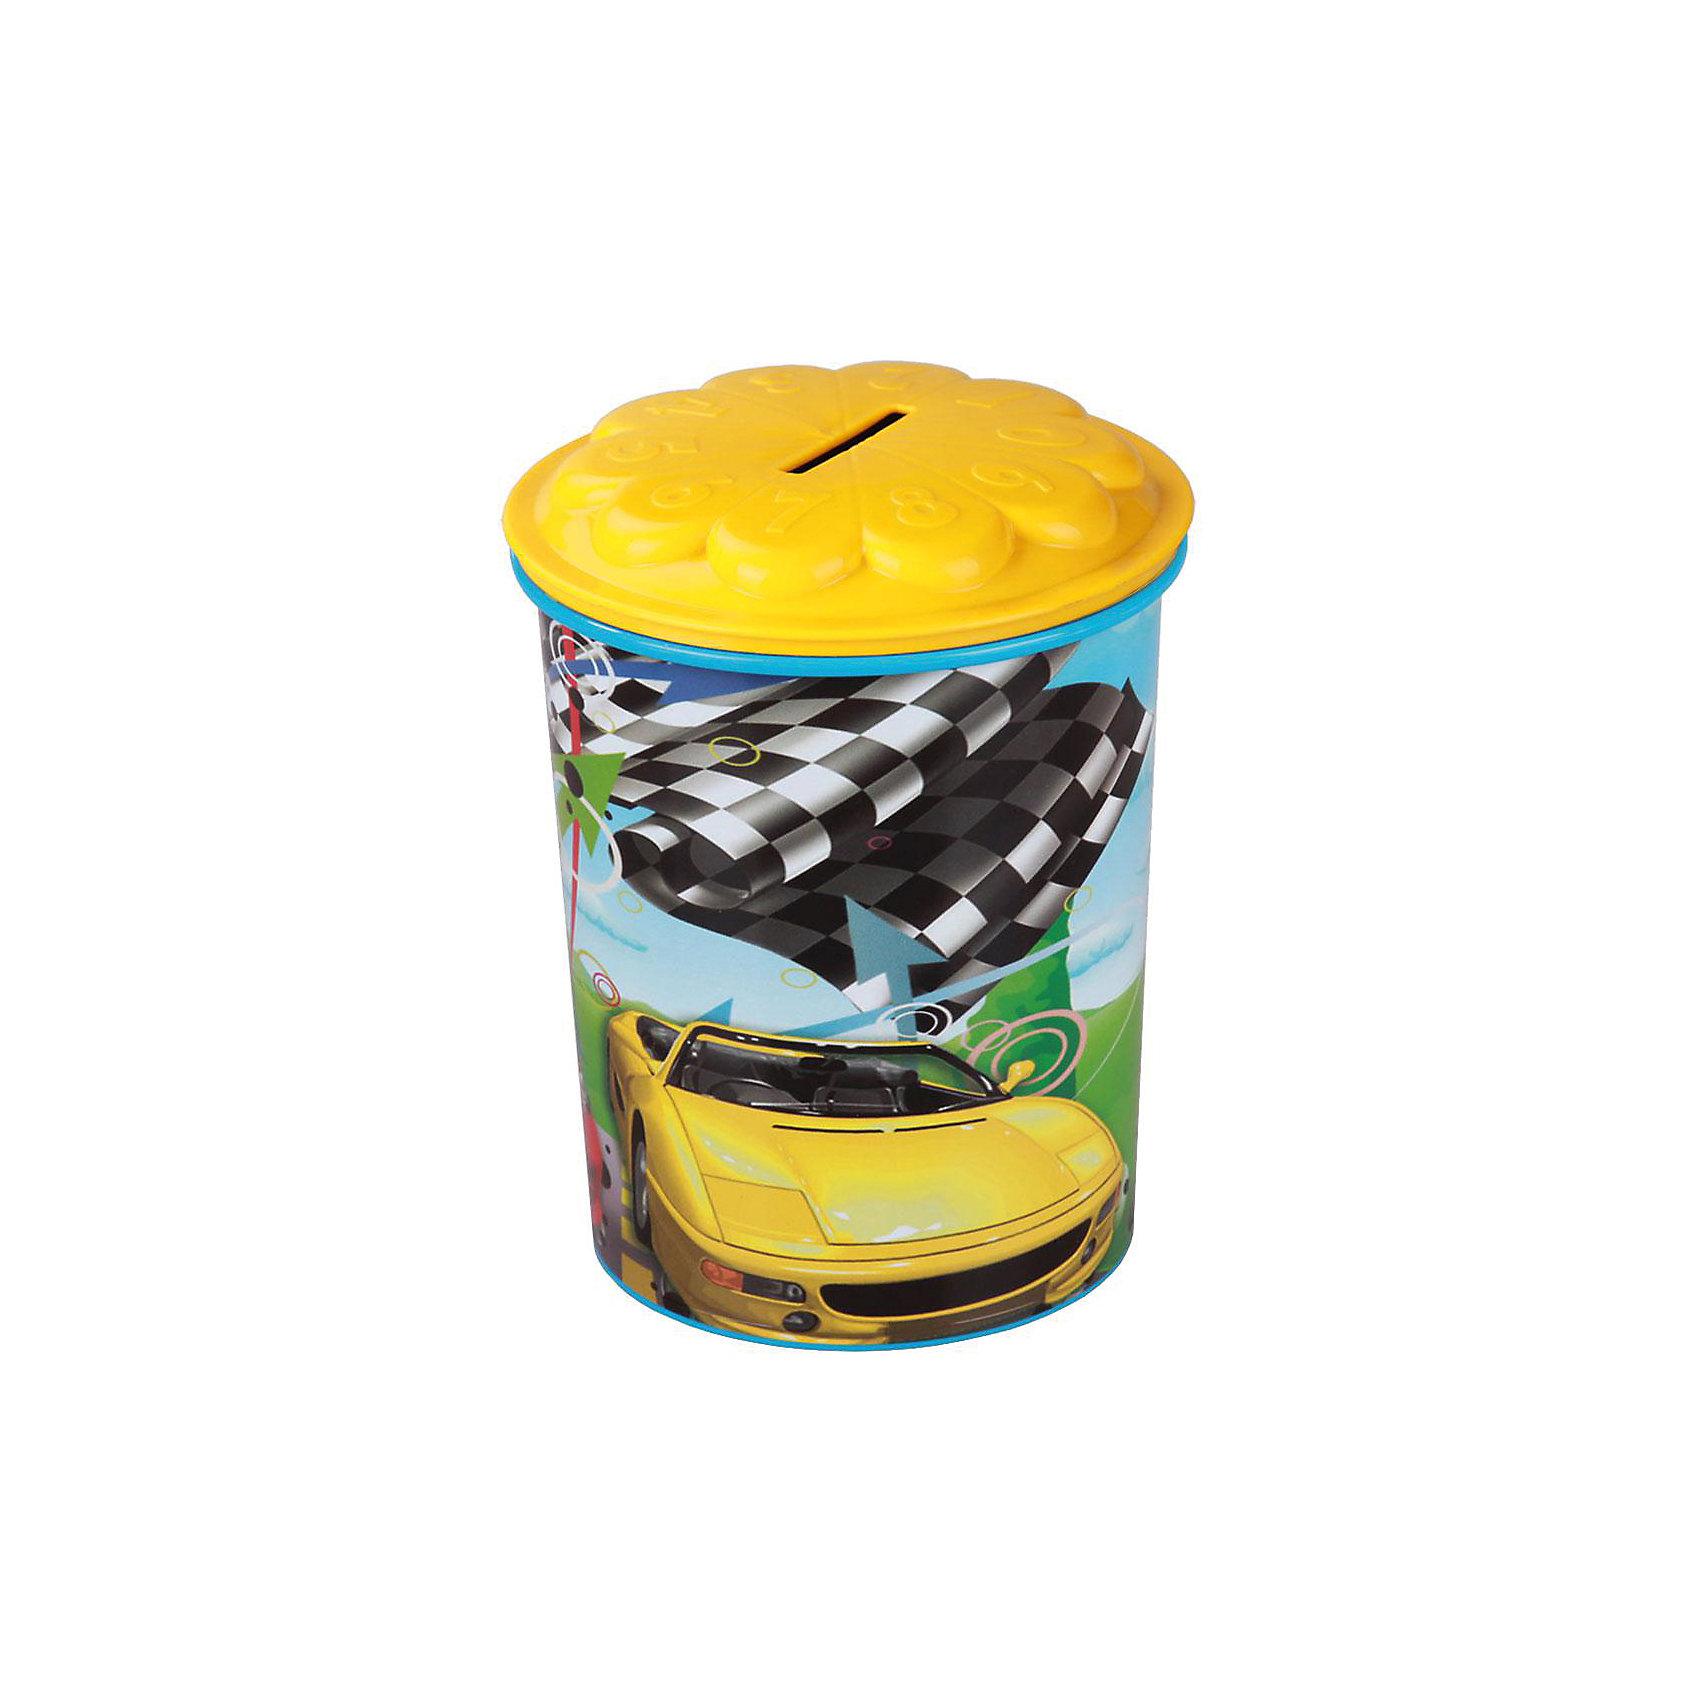 Контейнер (копилка) Форсаж 0,7л, AlternativaПредметы интерьера<br>Характеристики:<br><br>• Предназначение: для хранения монет, принадлежностей для рисования<br>• Материал: пластик<br>• Цвет: голубой, желтый, зеленый, черный<br>• Размер (Д*Ш*В): 10,3*10,1*13,2 см<br>• Вместимость (объем): 0,7 л<br>• Форма: круглый<br>• Наличие крышки с отверстием по центру<br>• Особенности ухода: разрешается мыть теплой водой<br><br>Контейнер (копилка) Форсаж 0,7 л , Alternativa изготовлен отечественным производителем ООО ЗПИ Альтернатива, который специализируется на выпуске широкого спектра изделий из пластика. <br>Контейнер-копилка выполнена из экологически безопасного пластика, устойчивого к механическим повреждениям, корпус оформлен ярким рисунком, в комплекте имеется крышкажелтого цвета с отверстием по центру, что обеспечит многоразовое использование копилки. Без крышки контейнер можно использовать как стаканчик для хранения карандашей и фломастеров. <br><br>Контейнер (копилка) Форсаж 0,7 л, Alternativa можно купить в нашем интернет-магазине.<br><br>Ширина мм: 260<br>Глубина мм: 170<br>Высота мм: 140<br>Вес г: 71<br>Возраст от месяцев: 6<br>Возраст до месяцев: 84<br>Пол: Мужской<br>Возраст: Детский<br>SKU: 5096581